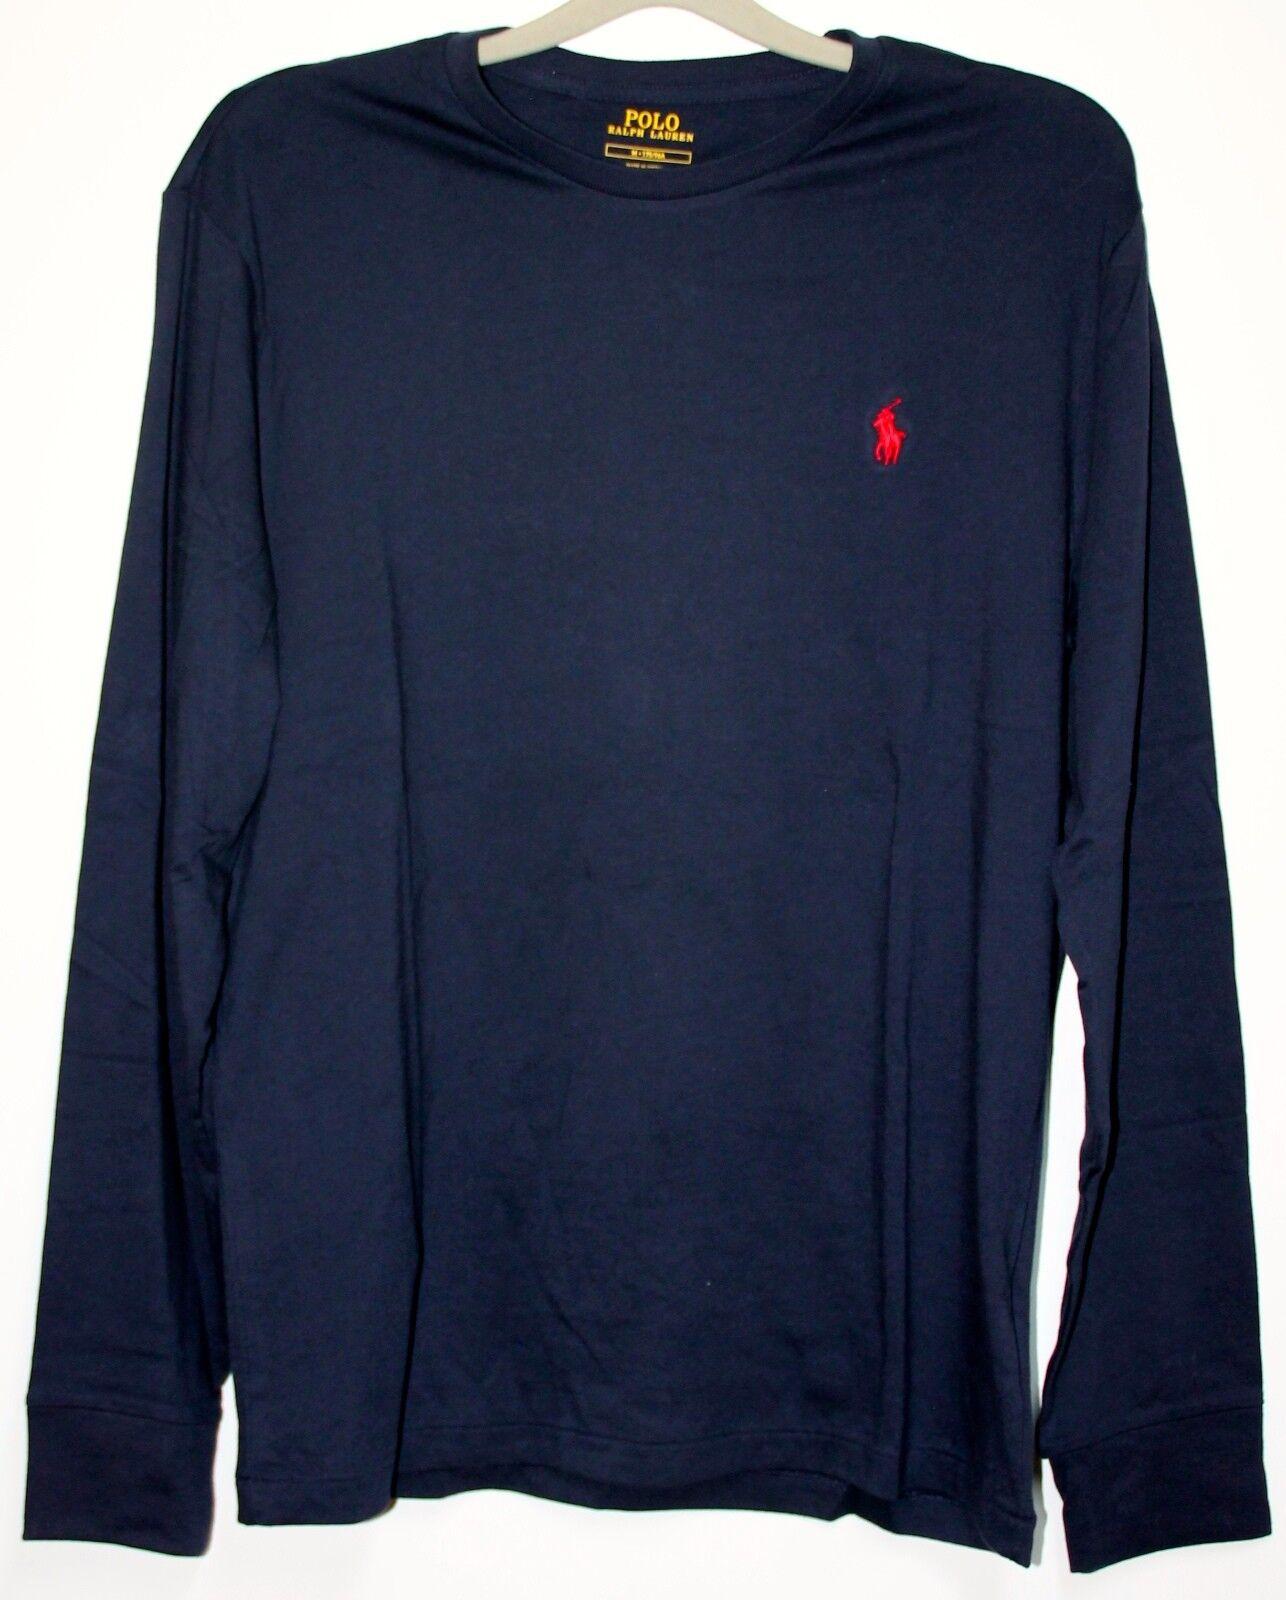 Ralph Lauren Shirt à Manches Longues TAILLE L Ink Bleu Neuf avec Étiquette